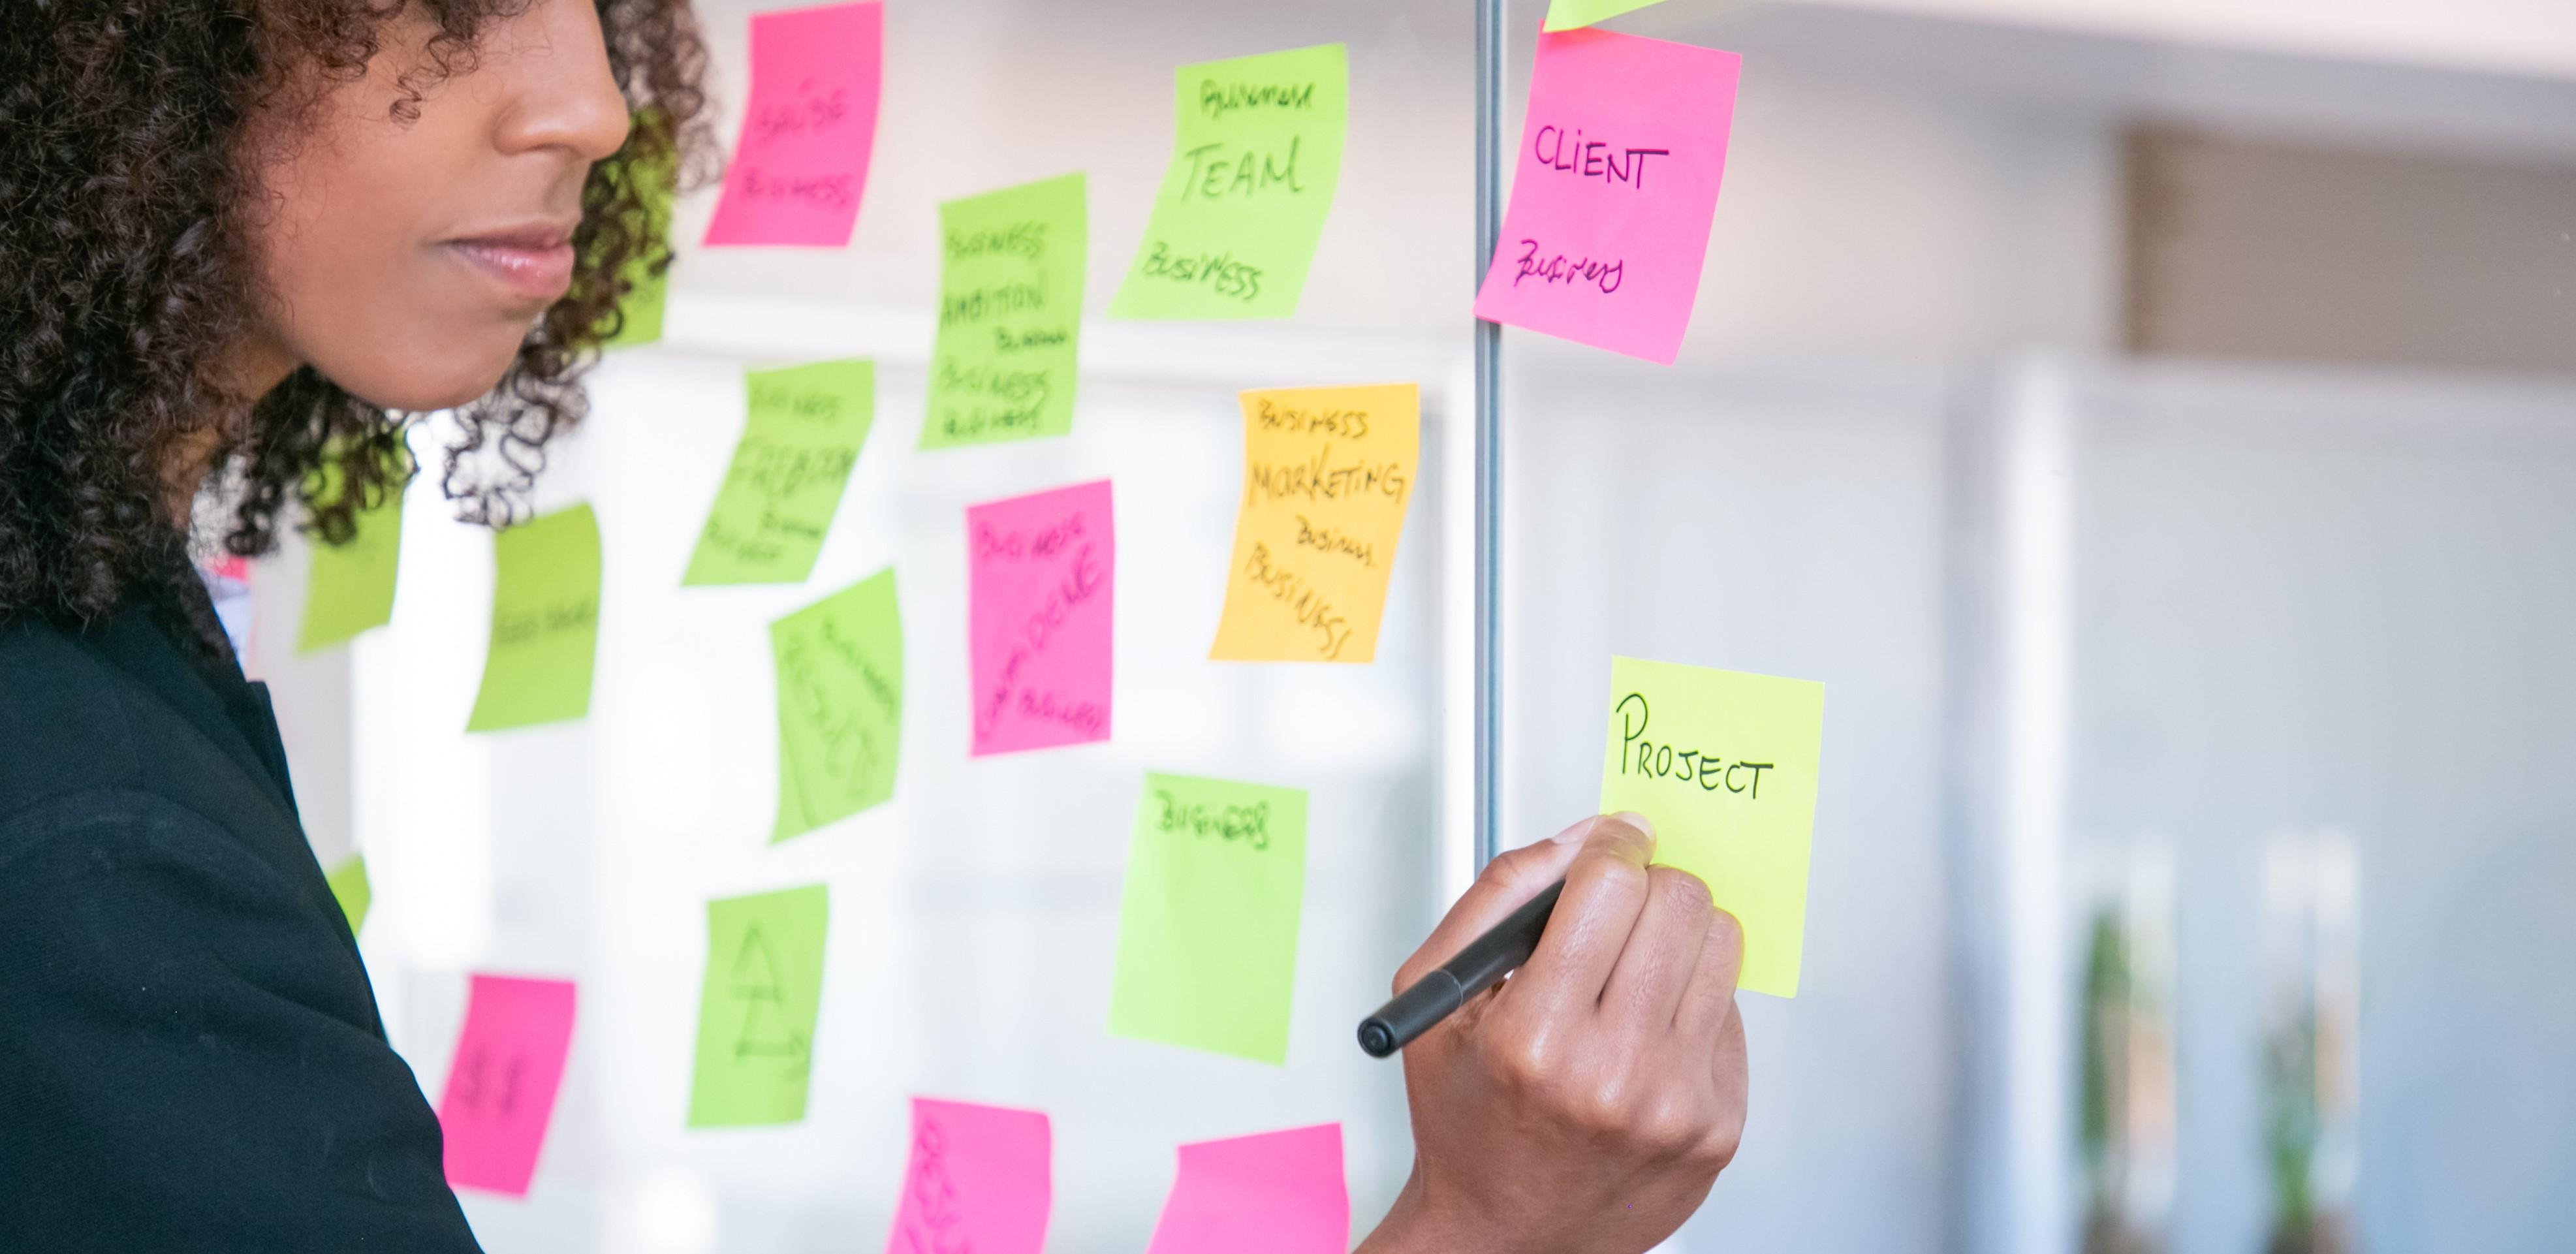 Lean Office: Mejora la gestión y organización de los procesos en tu oficina y ahorra costes